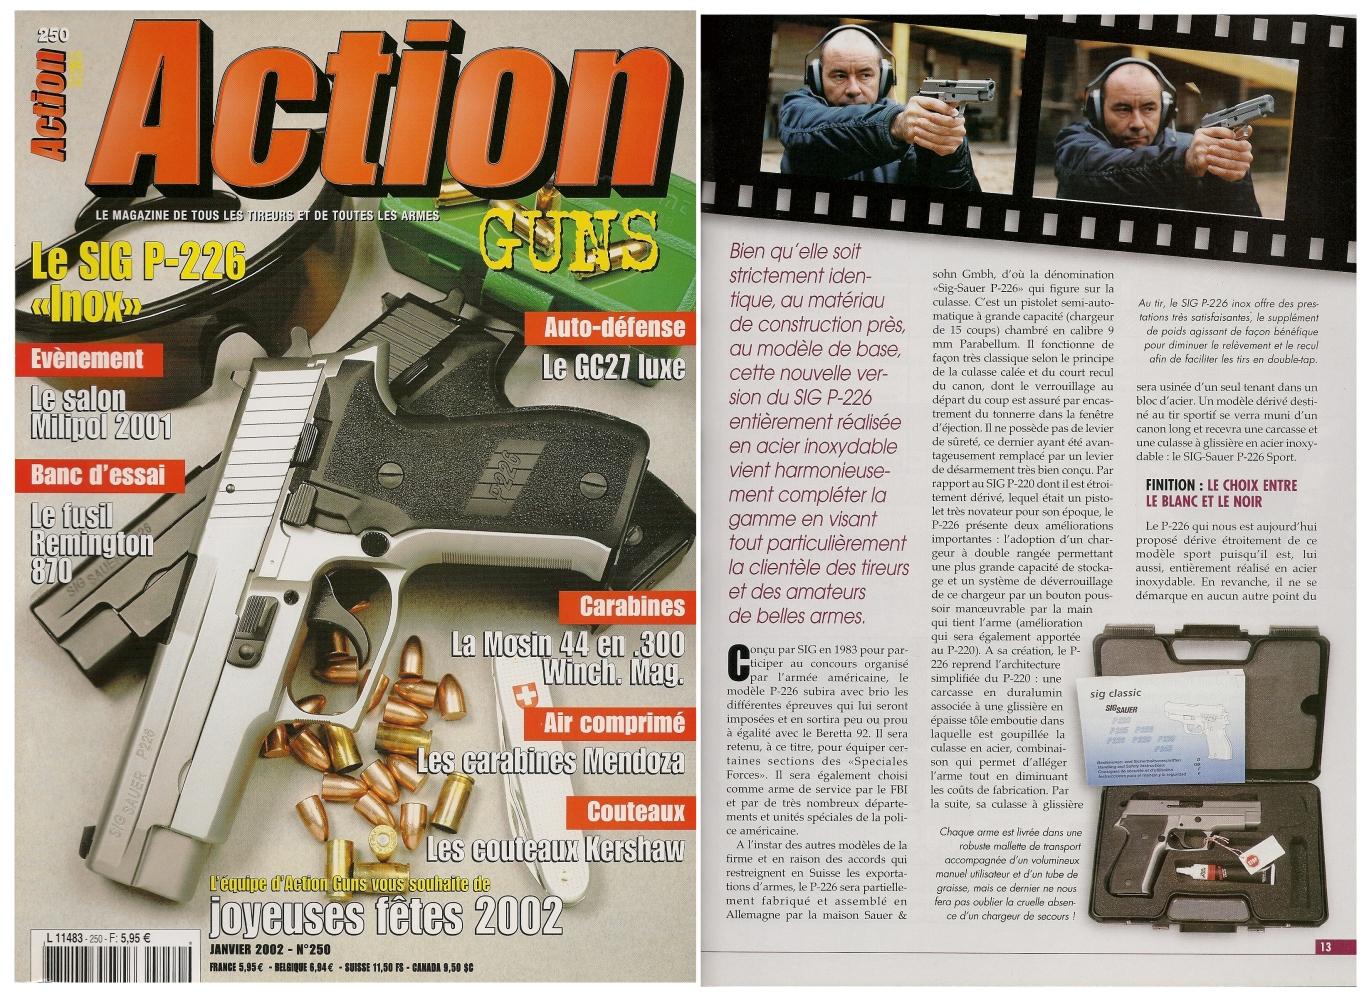 Le banc d'essai du pistolet Sig-Sauer P-226 « inox » a été publié sur 6 pages dans le magazine Action Guns n°250 (janvier 2002).